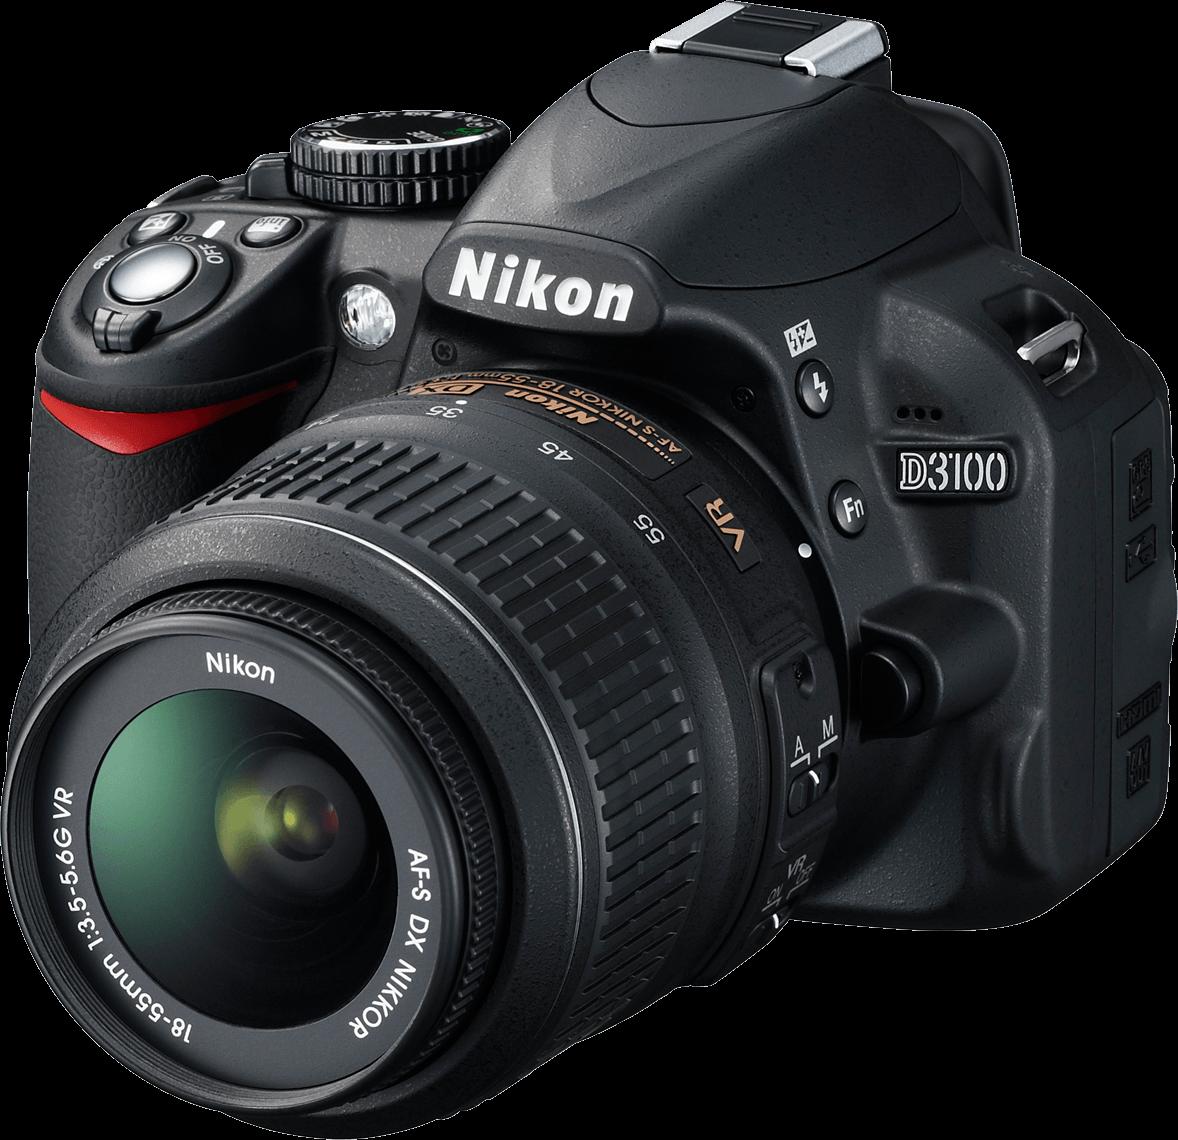 Nikon D 3100 Photo Camera transparent PNG.